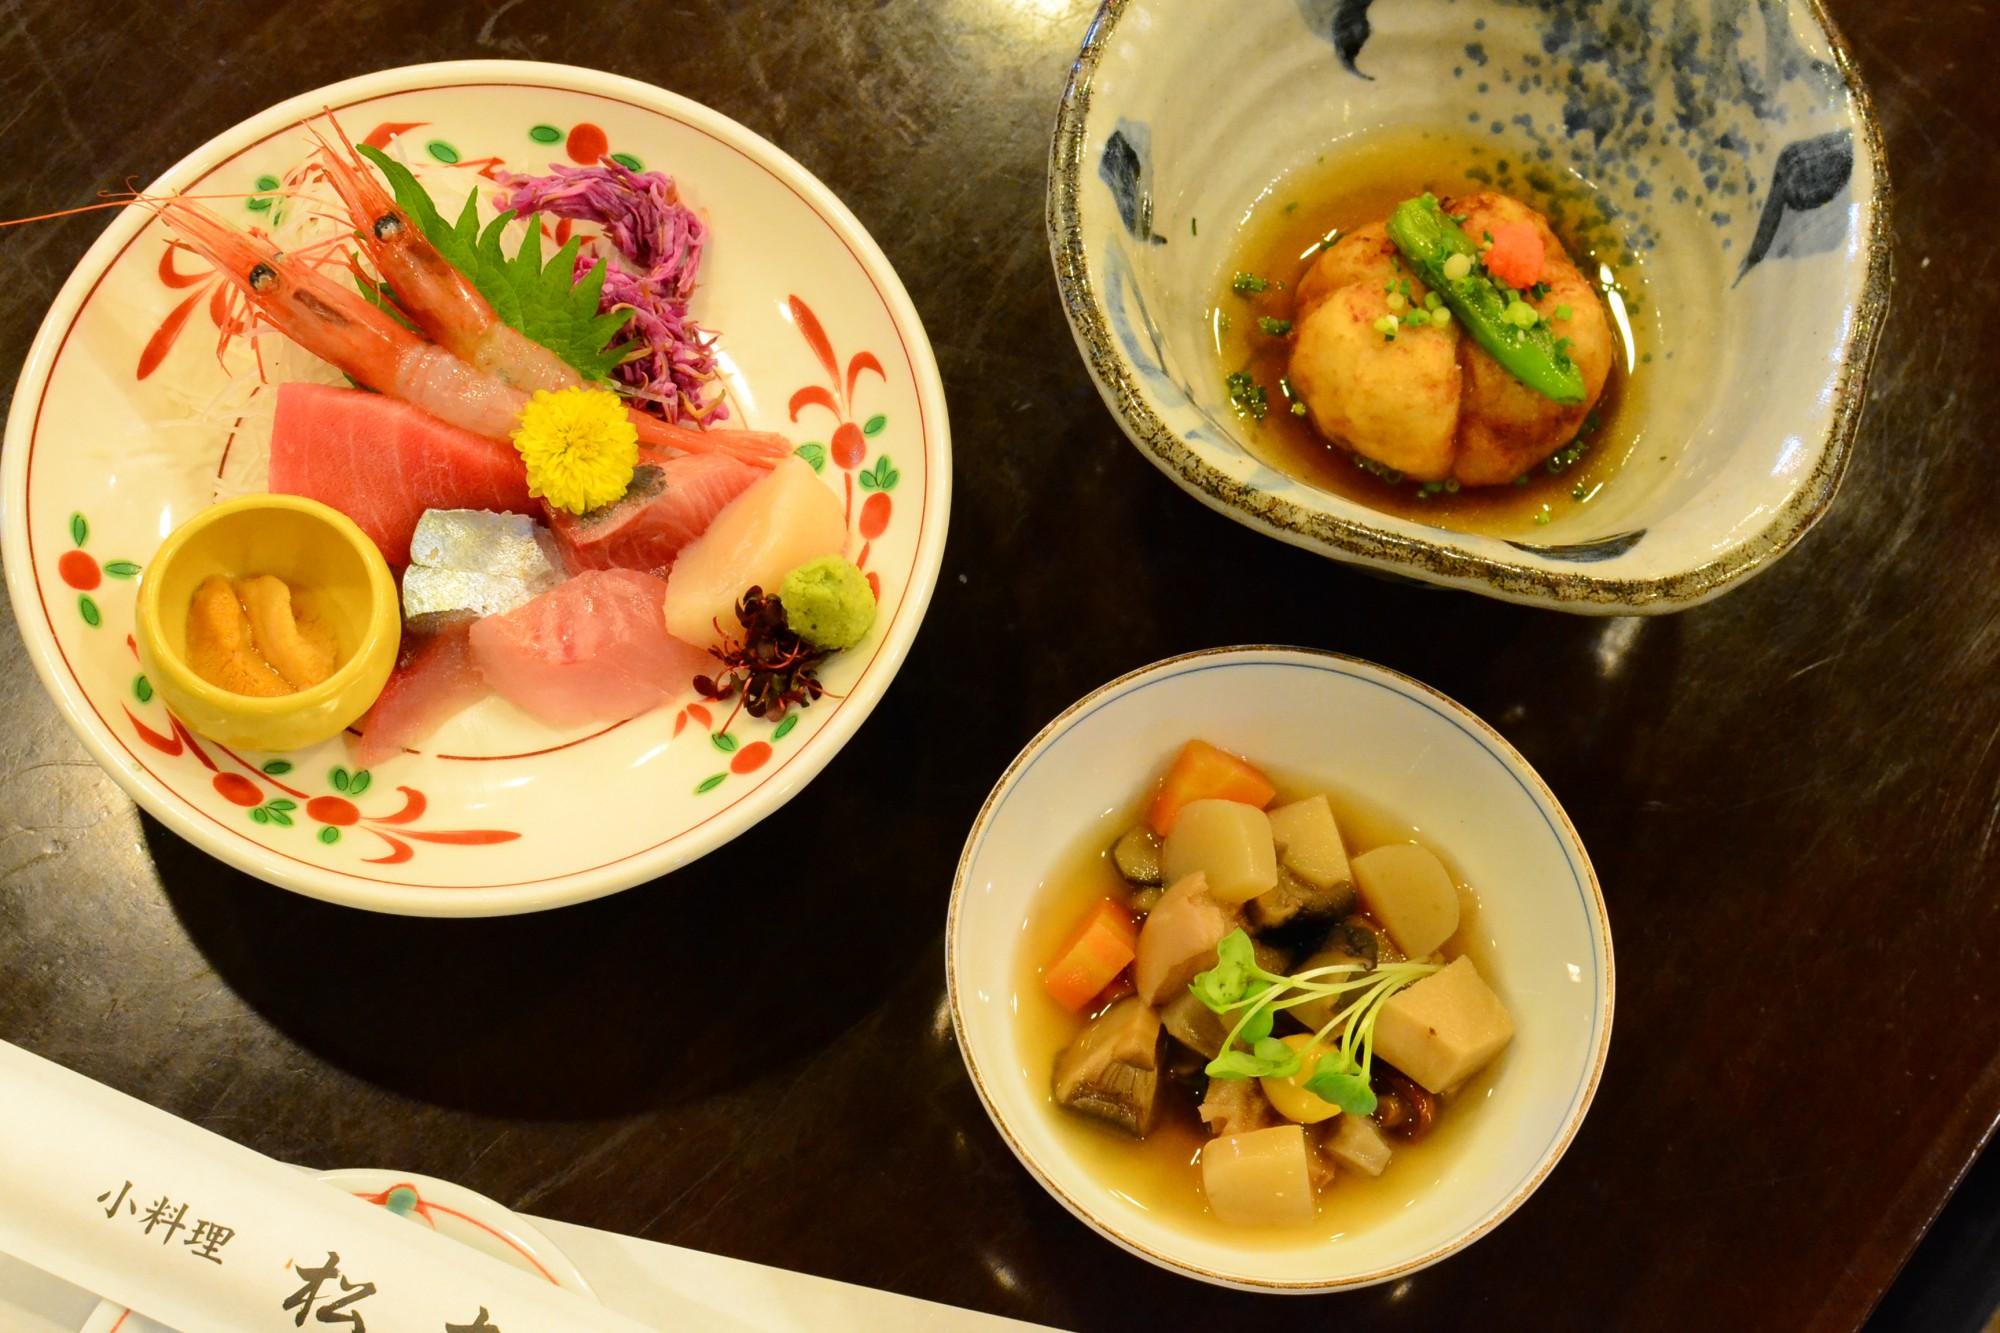 (左)日本海の幸お造りちょっと盛り1,728円(右上)山芋五目揚げ702円(右下)のっぺ煮626円